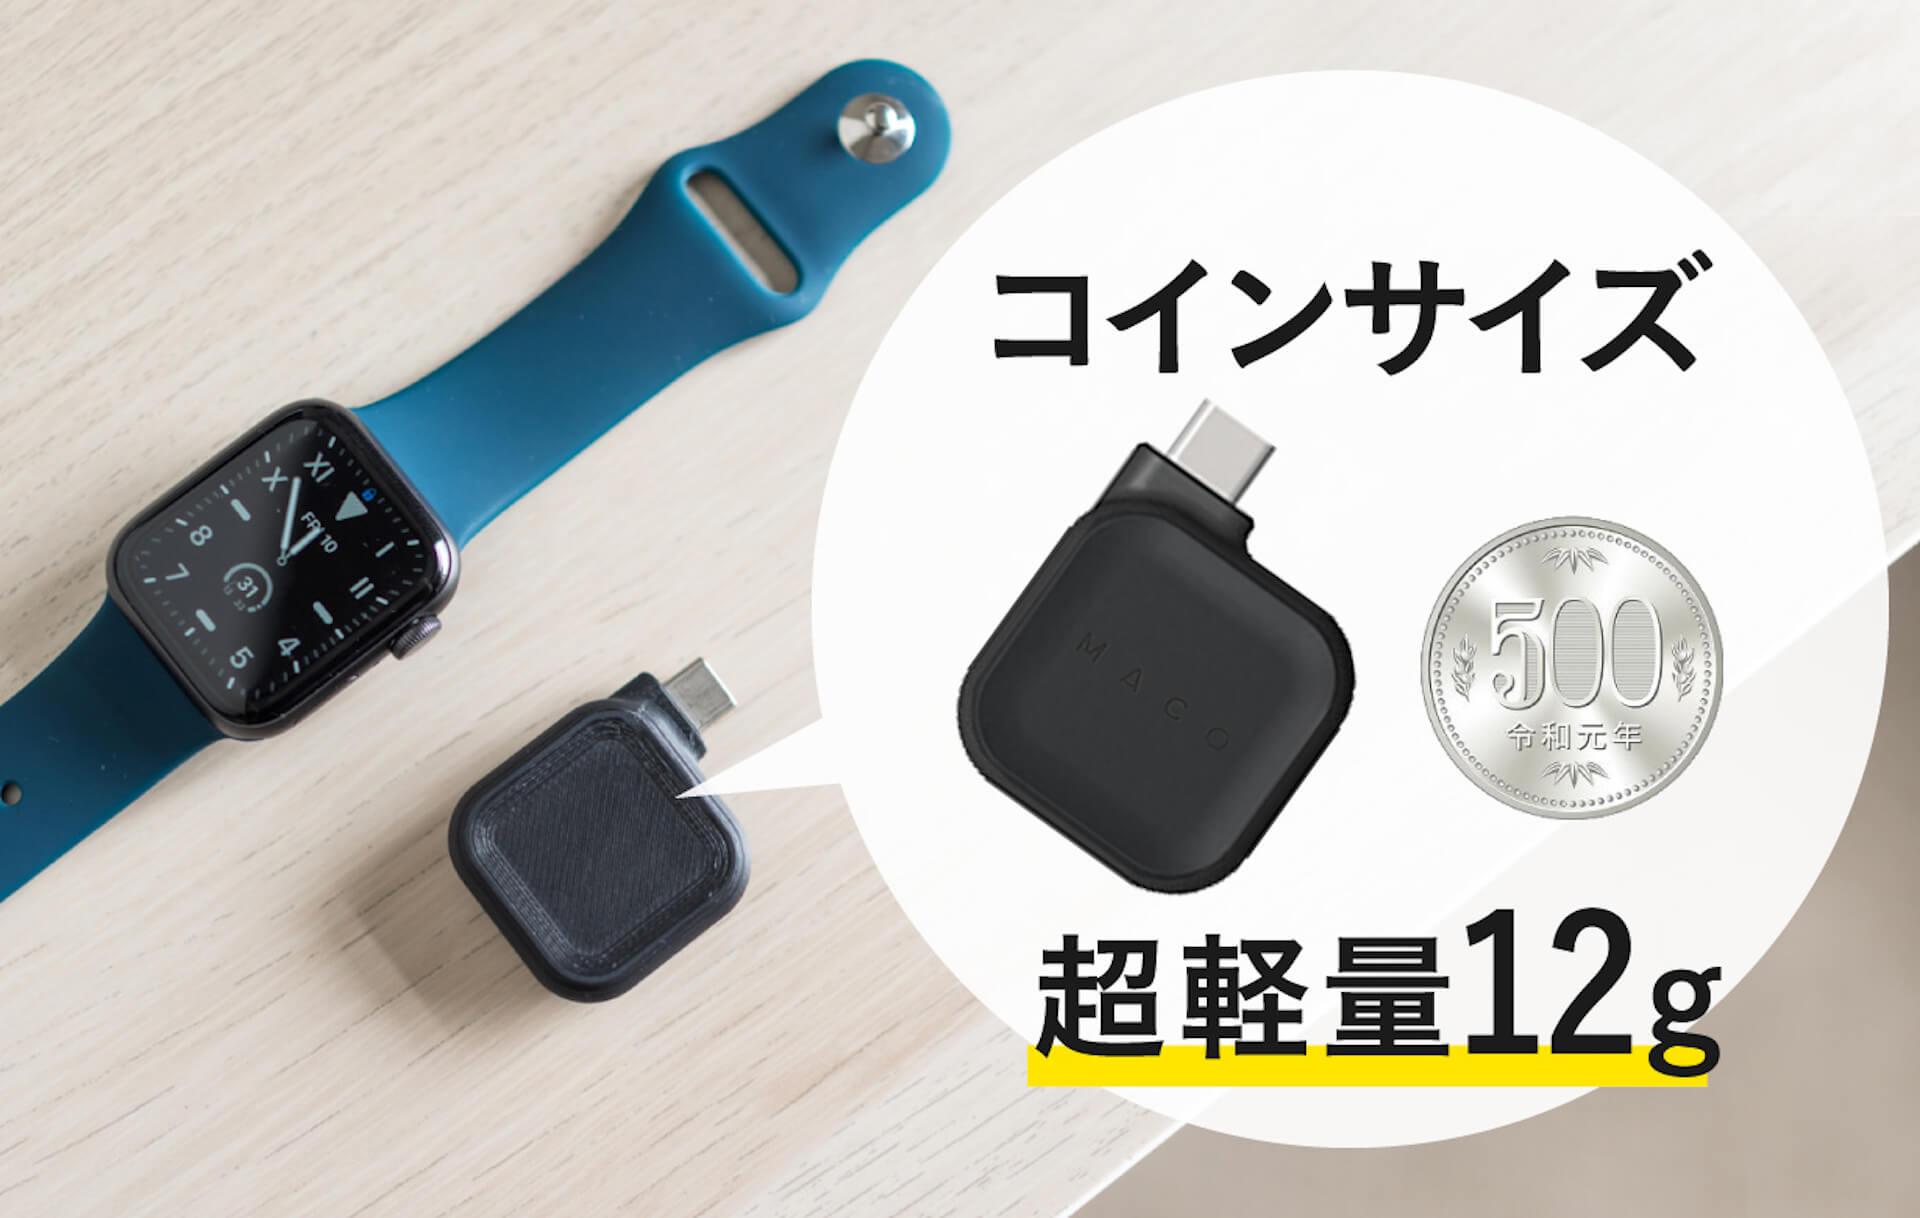 コインサイズのApple Watch専用充電器「MACO GO」がクラウドファンディング「Makuake」に登場! tech200624_macogo_16